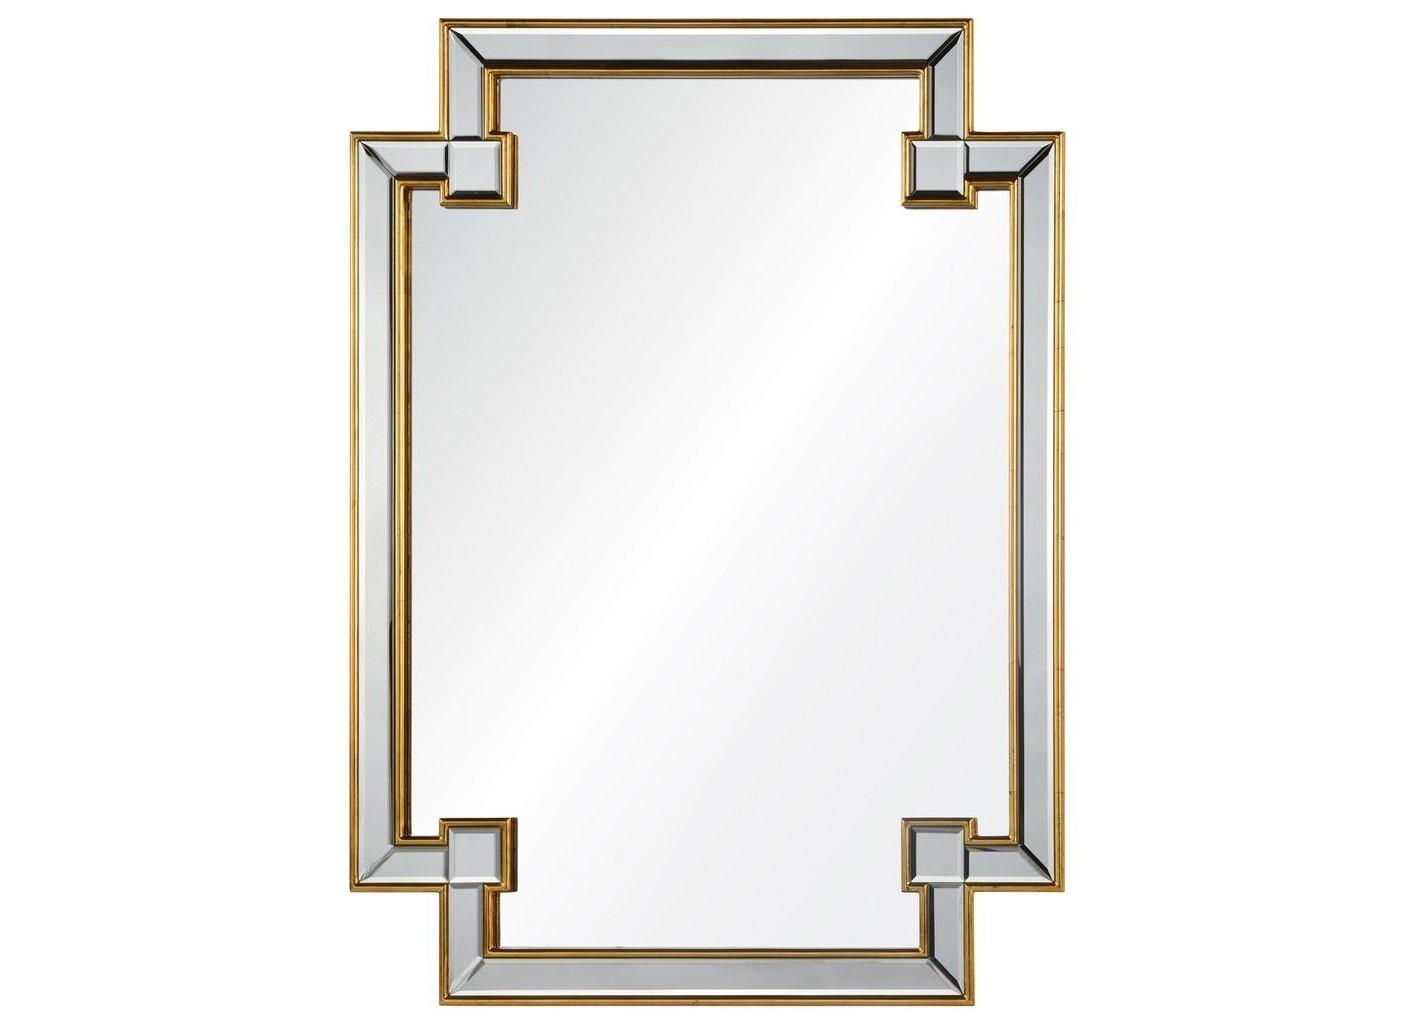 Зеркало ЧестерНастенные зеркала<br>Крепления входят в стоимость.<br><br>Material: Пластик<br>Width см: 75<br>Depth см: 2<br>Height см: 100